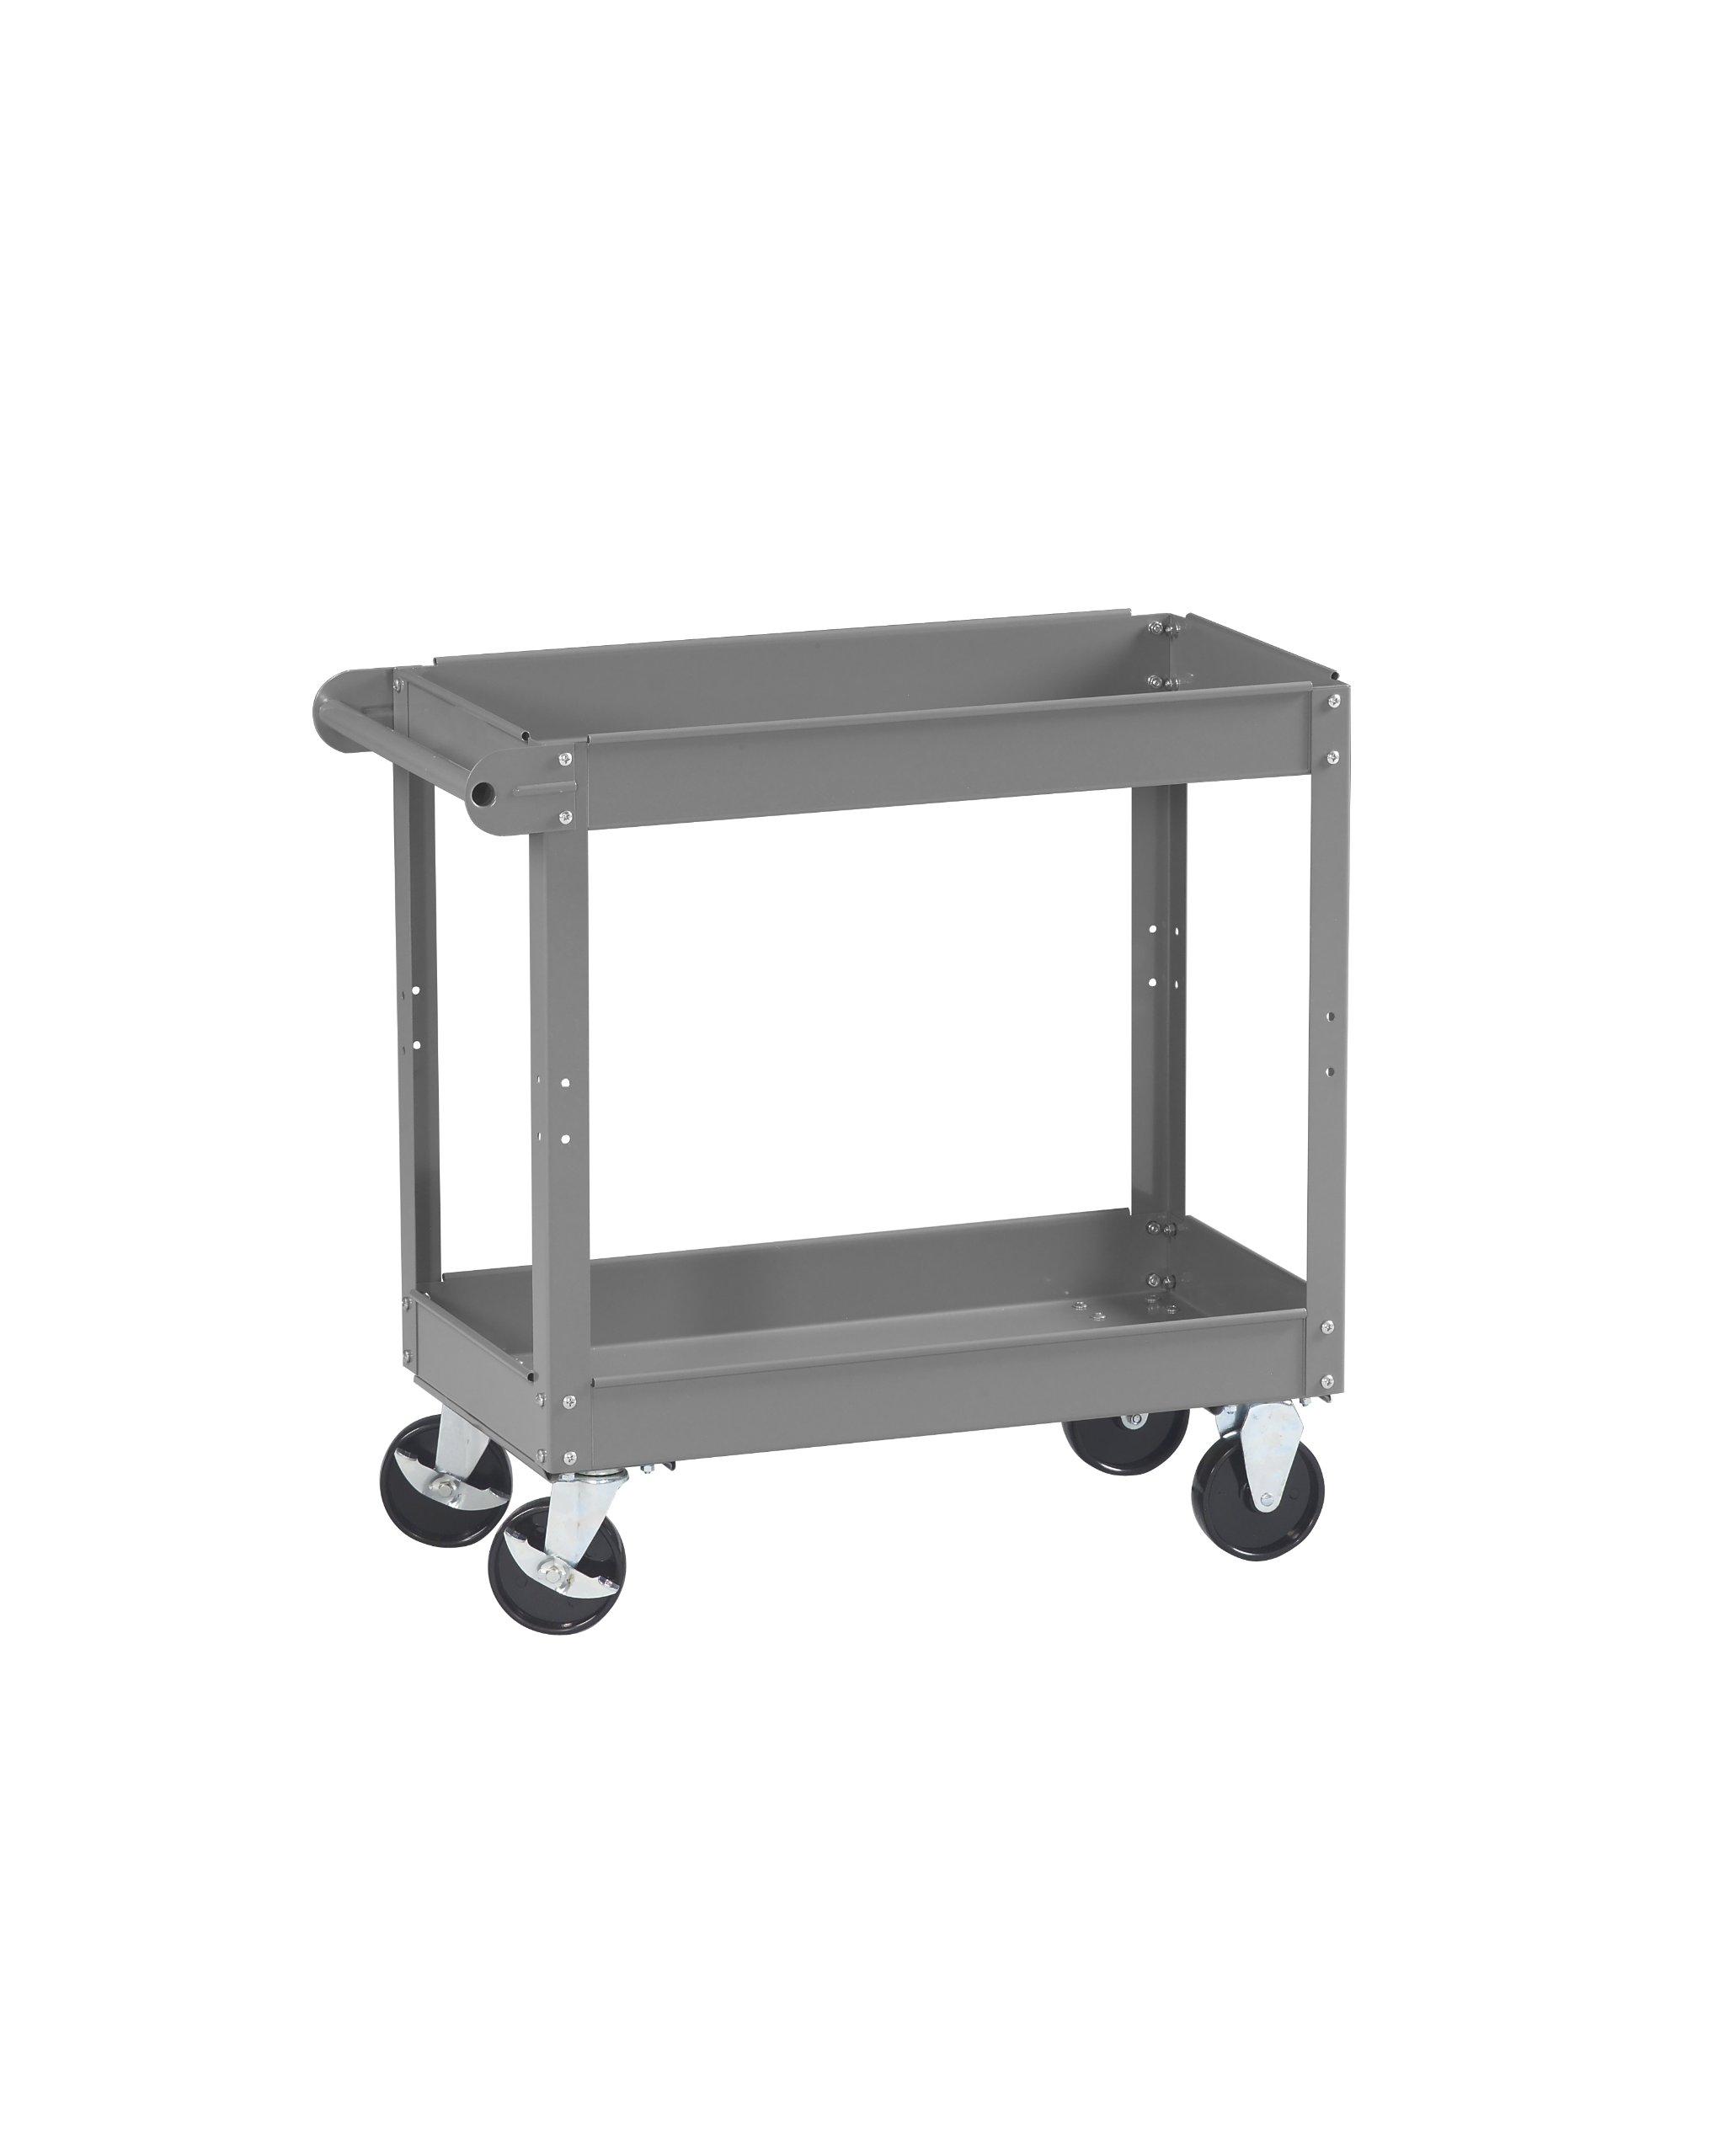 Tennsco SC-1630 Service Cart, 16'' Width, 32'' Height, 30'' Depth, 2 Shelves